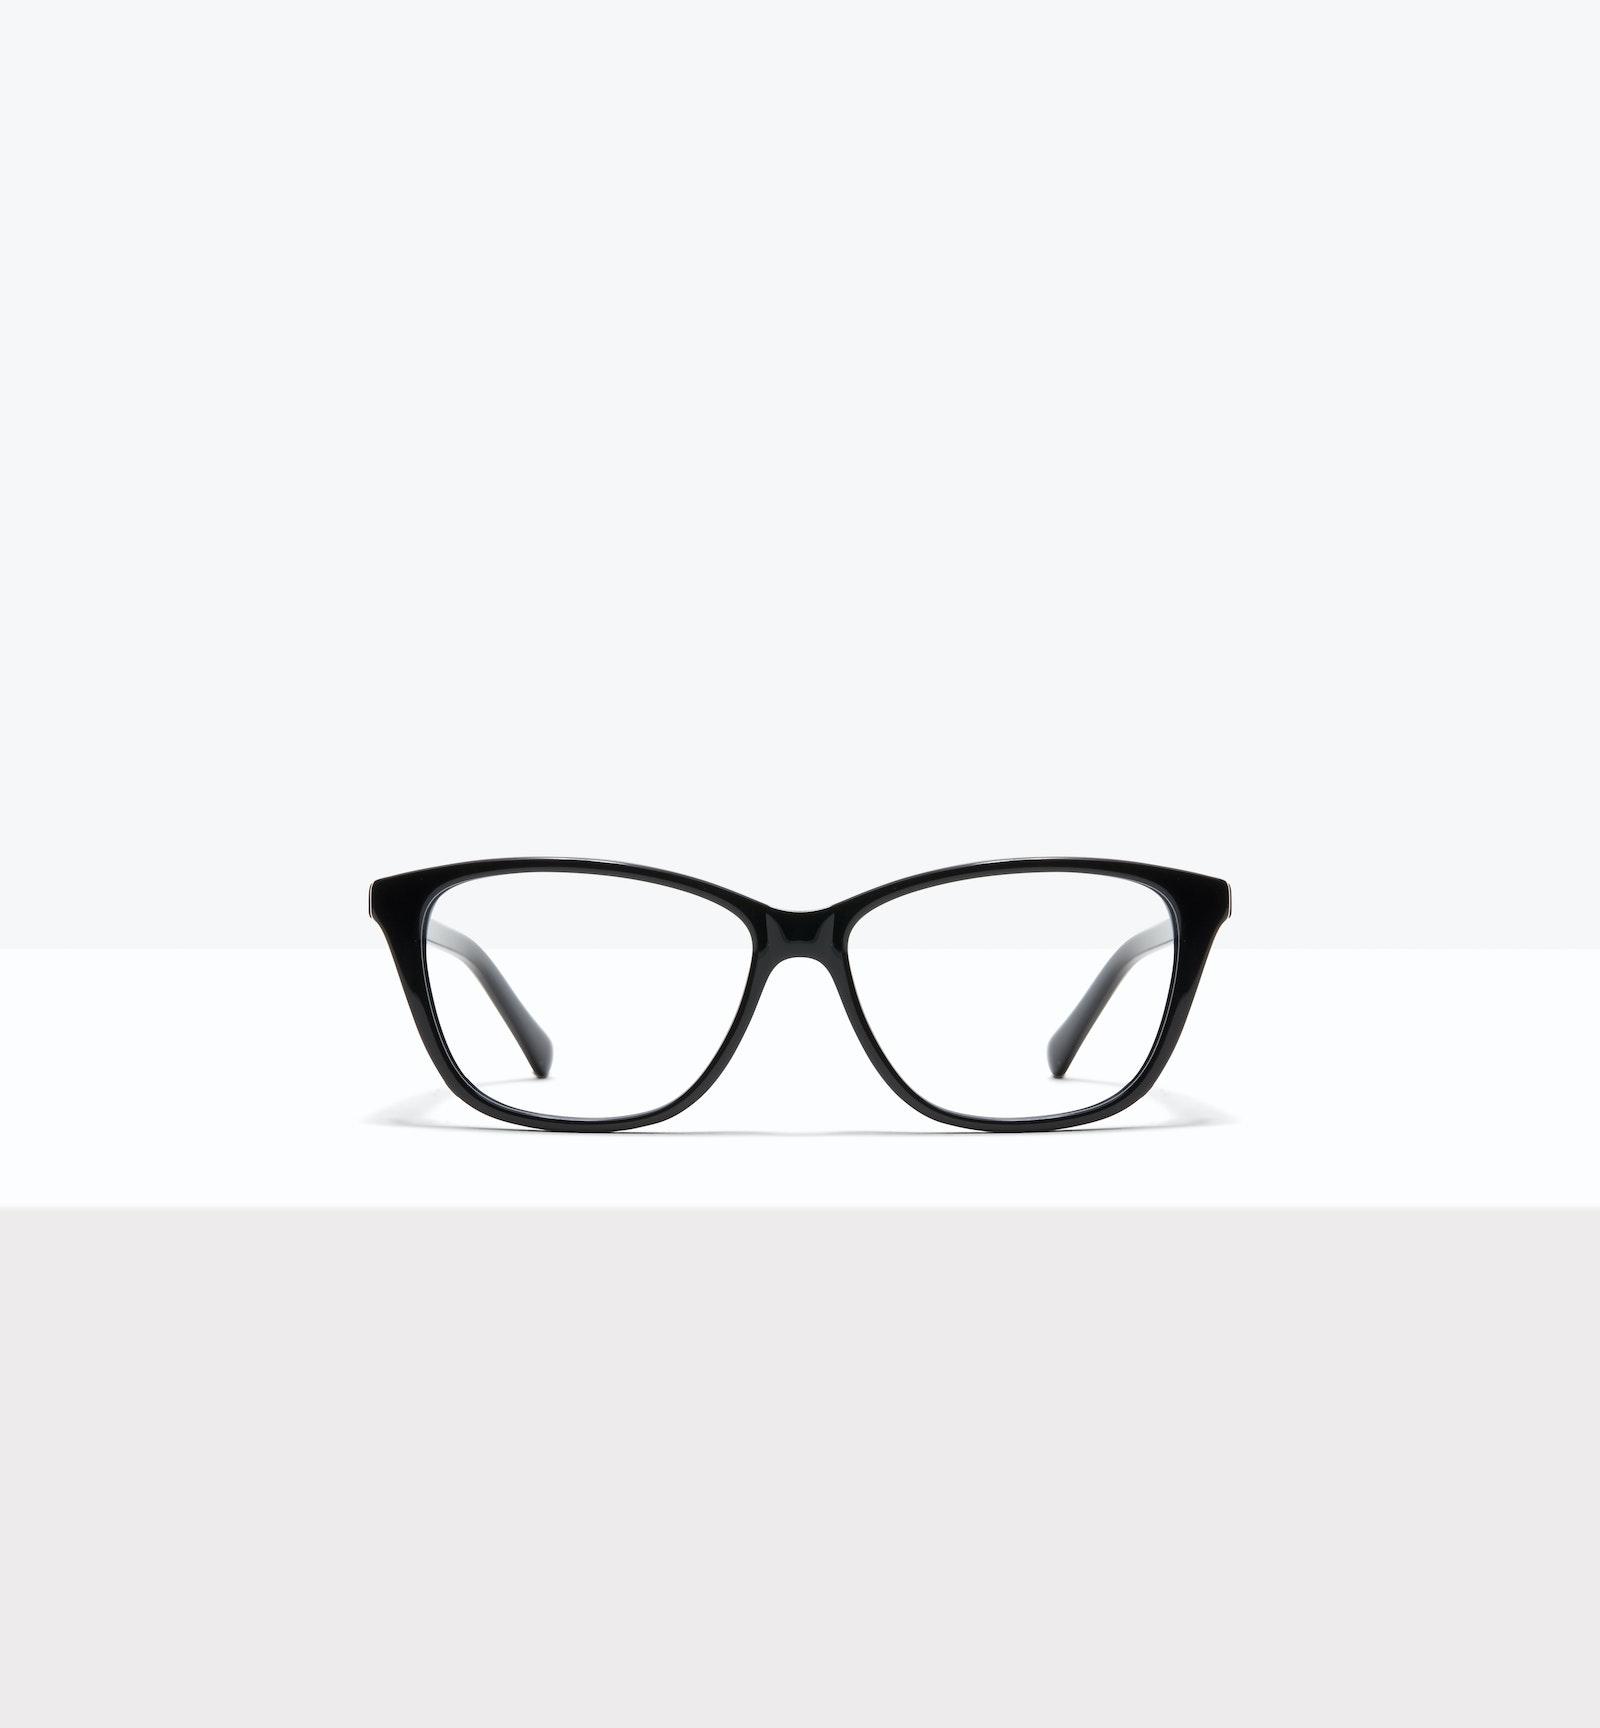 Lunettes tendance Oeil de chat Rectangle Lunettes de vue Femmes Myrtle M Black